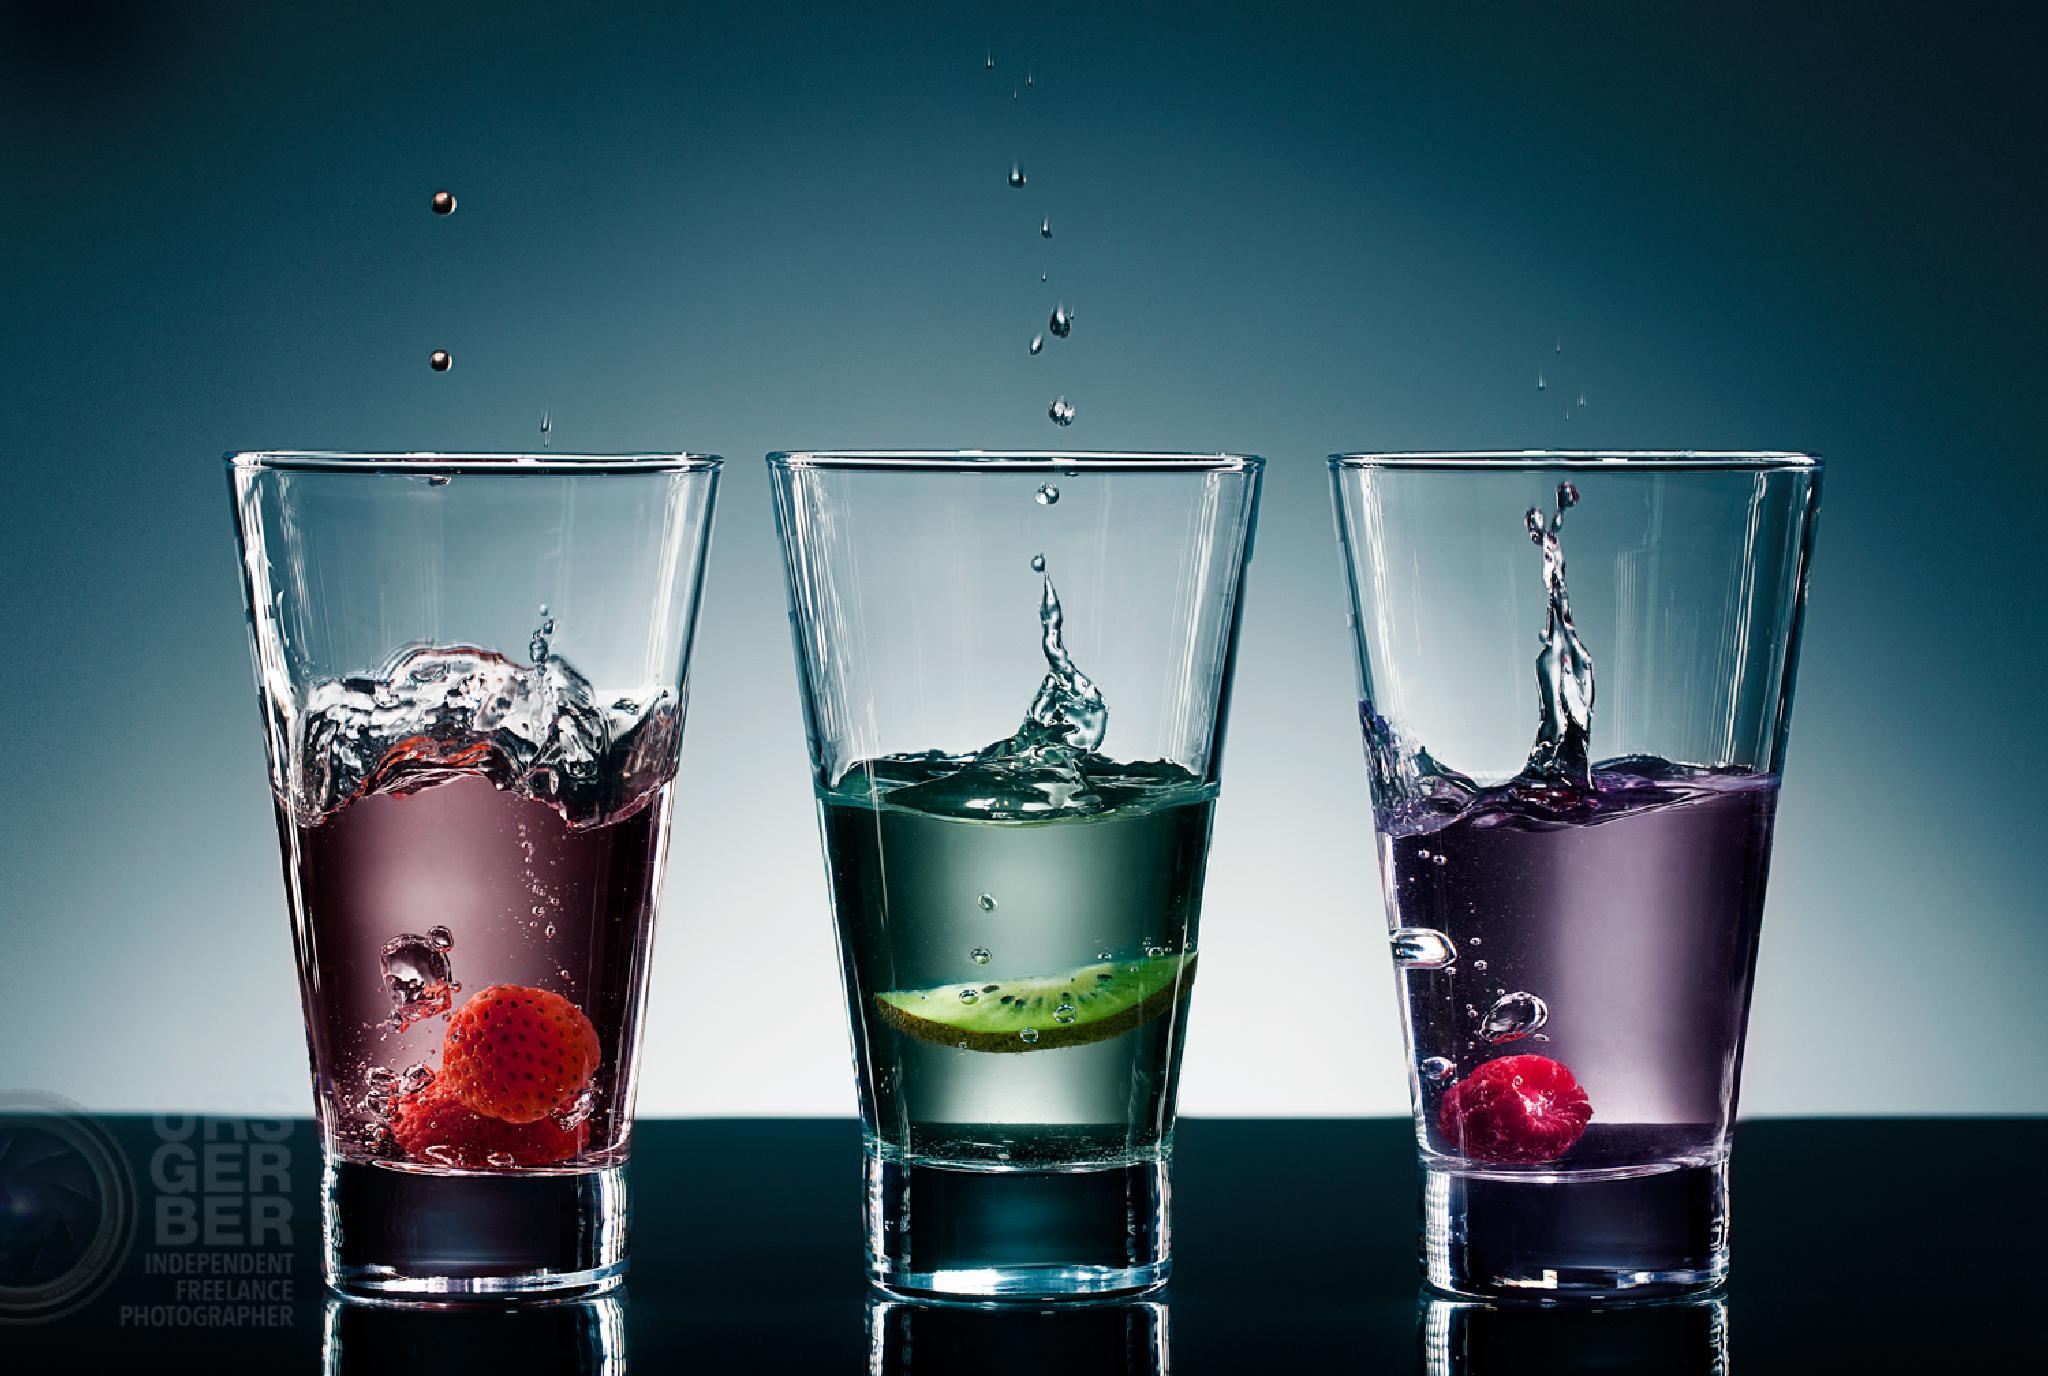 Cheers by Urs Gerber